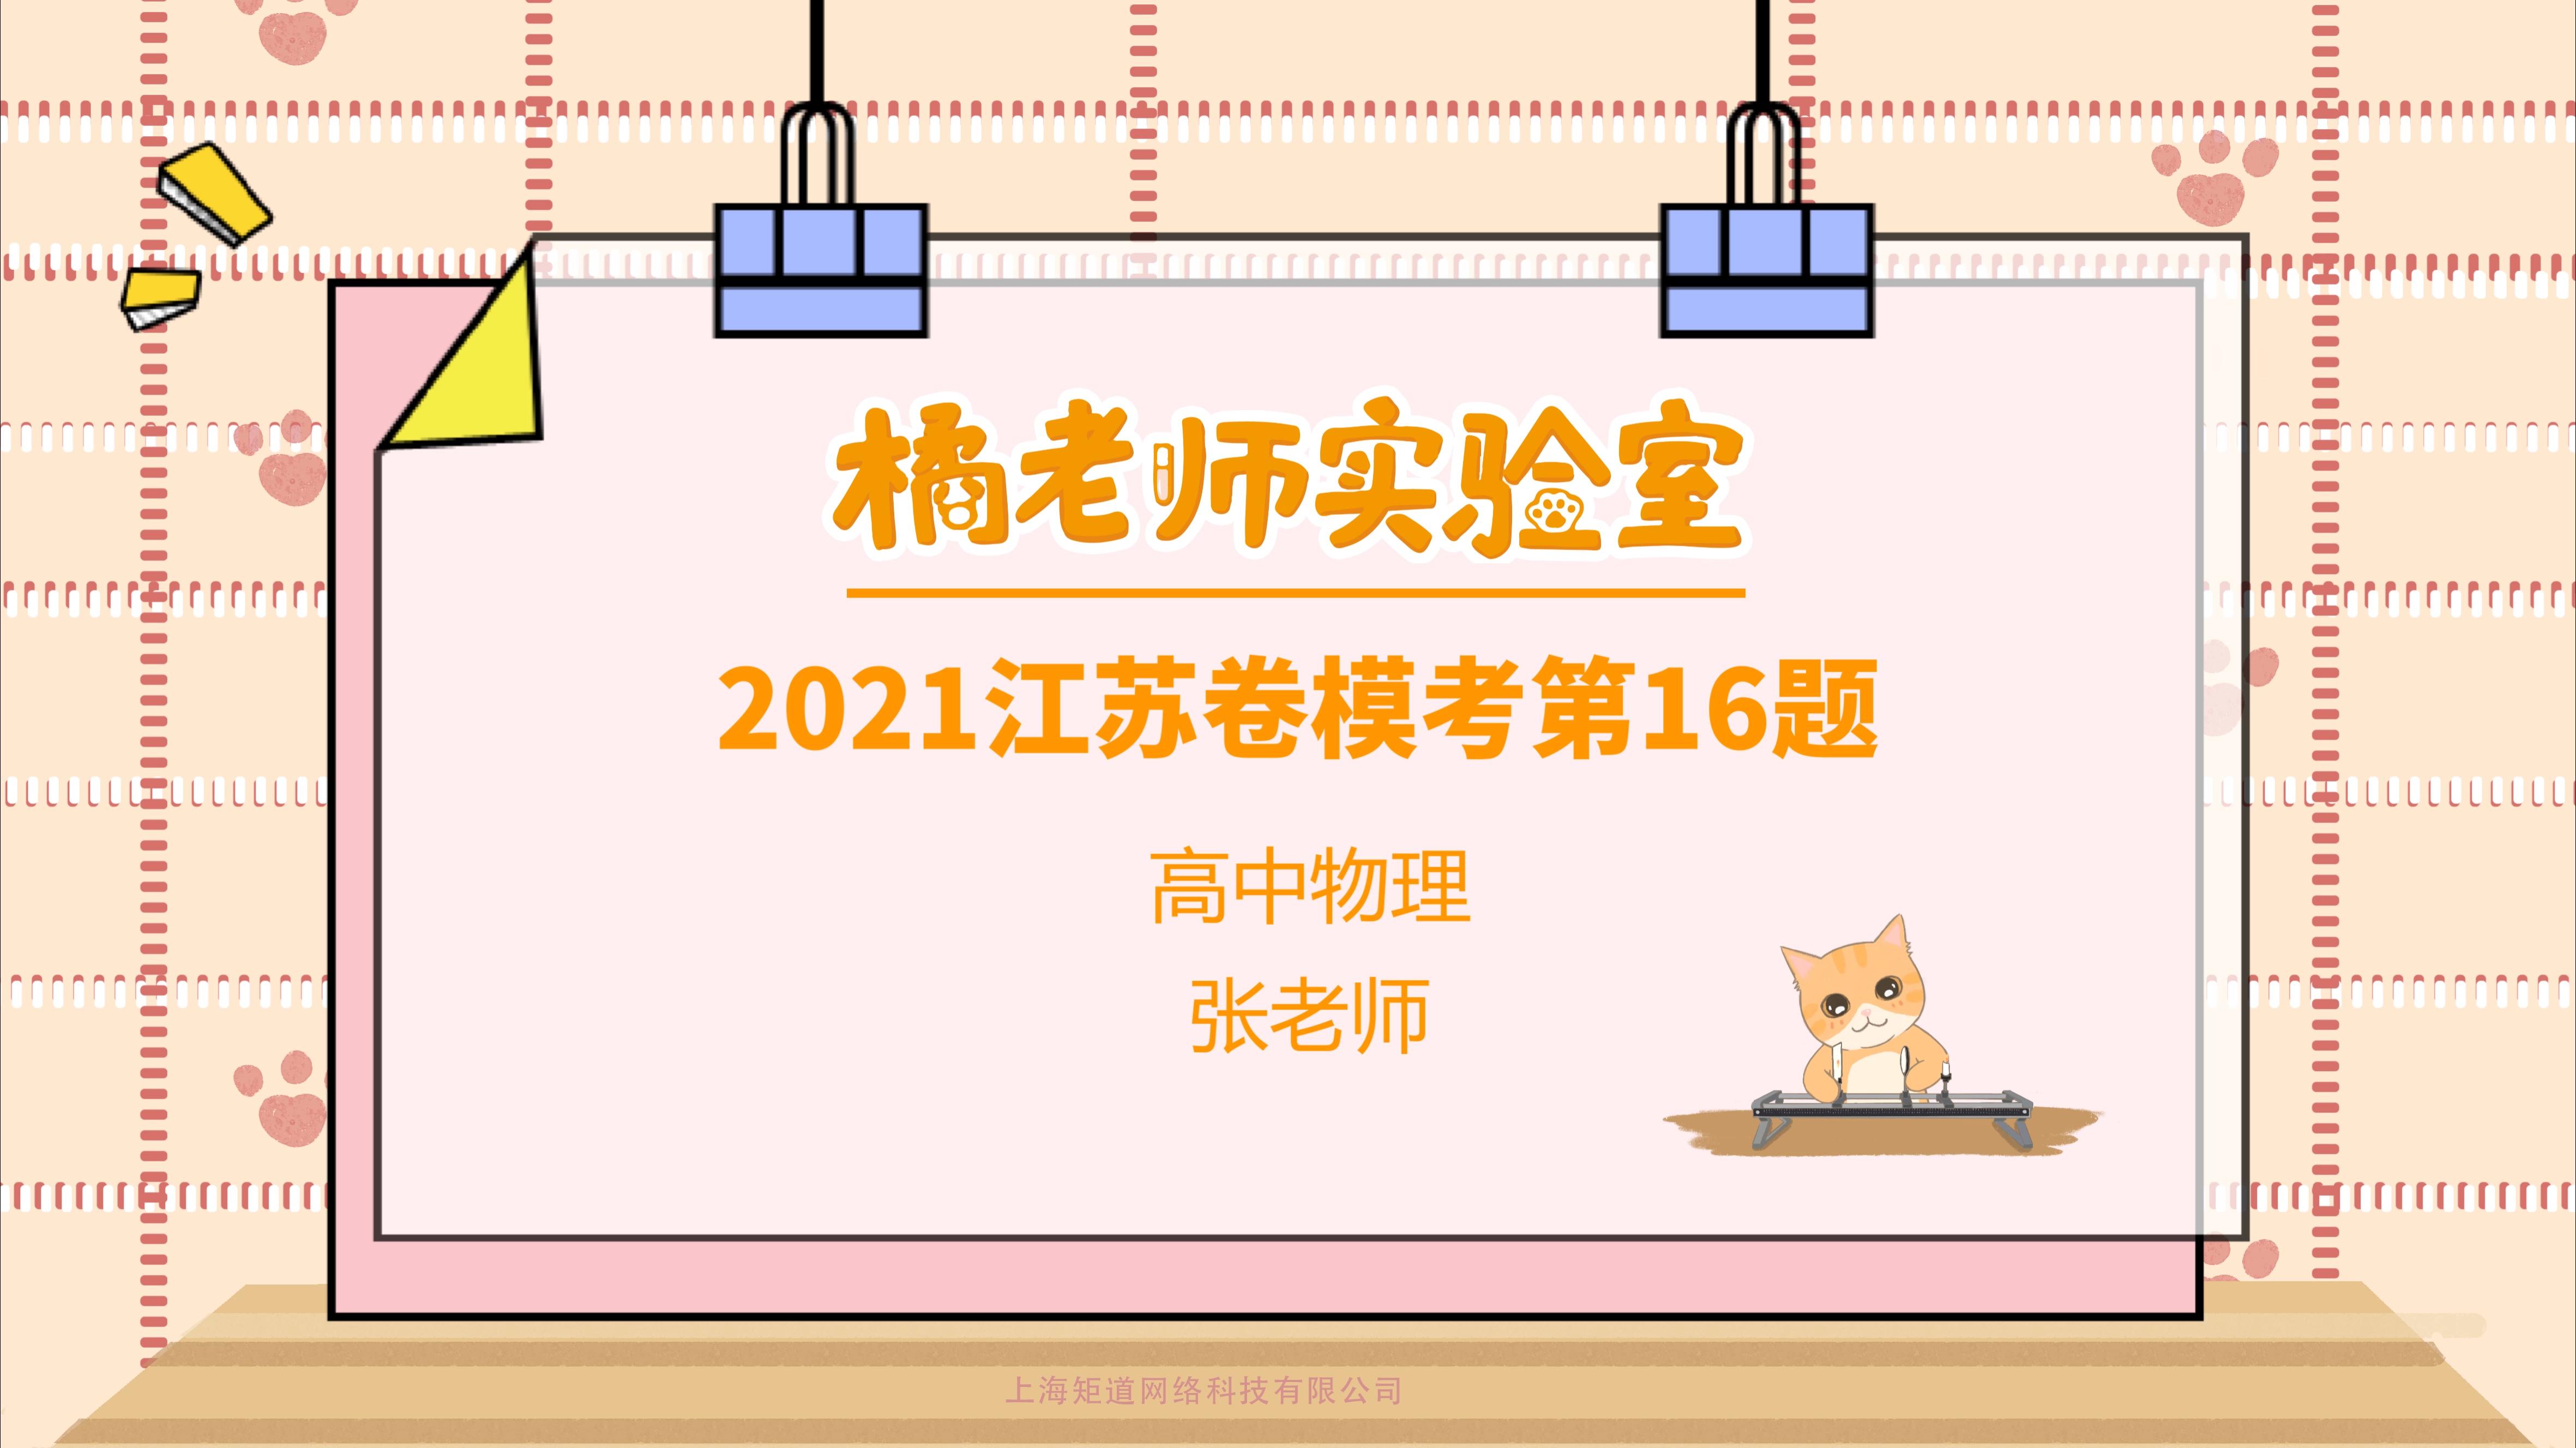 第三百四十四期:《2021江苏卷模考第16题》